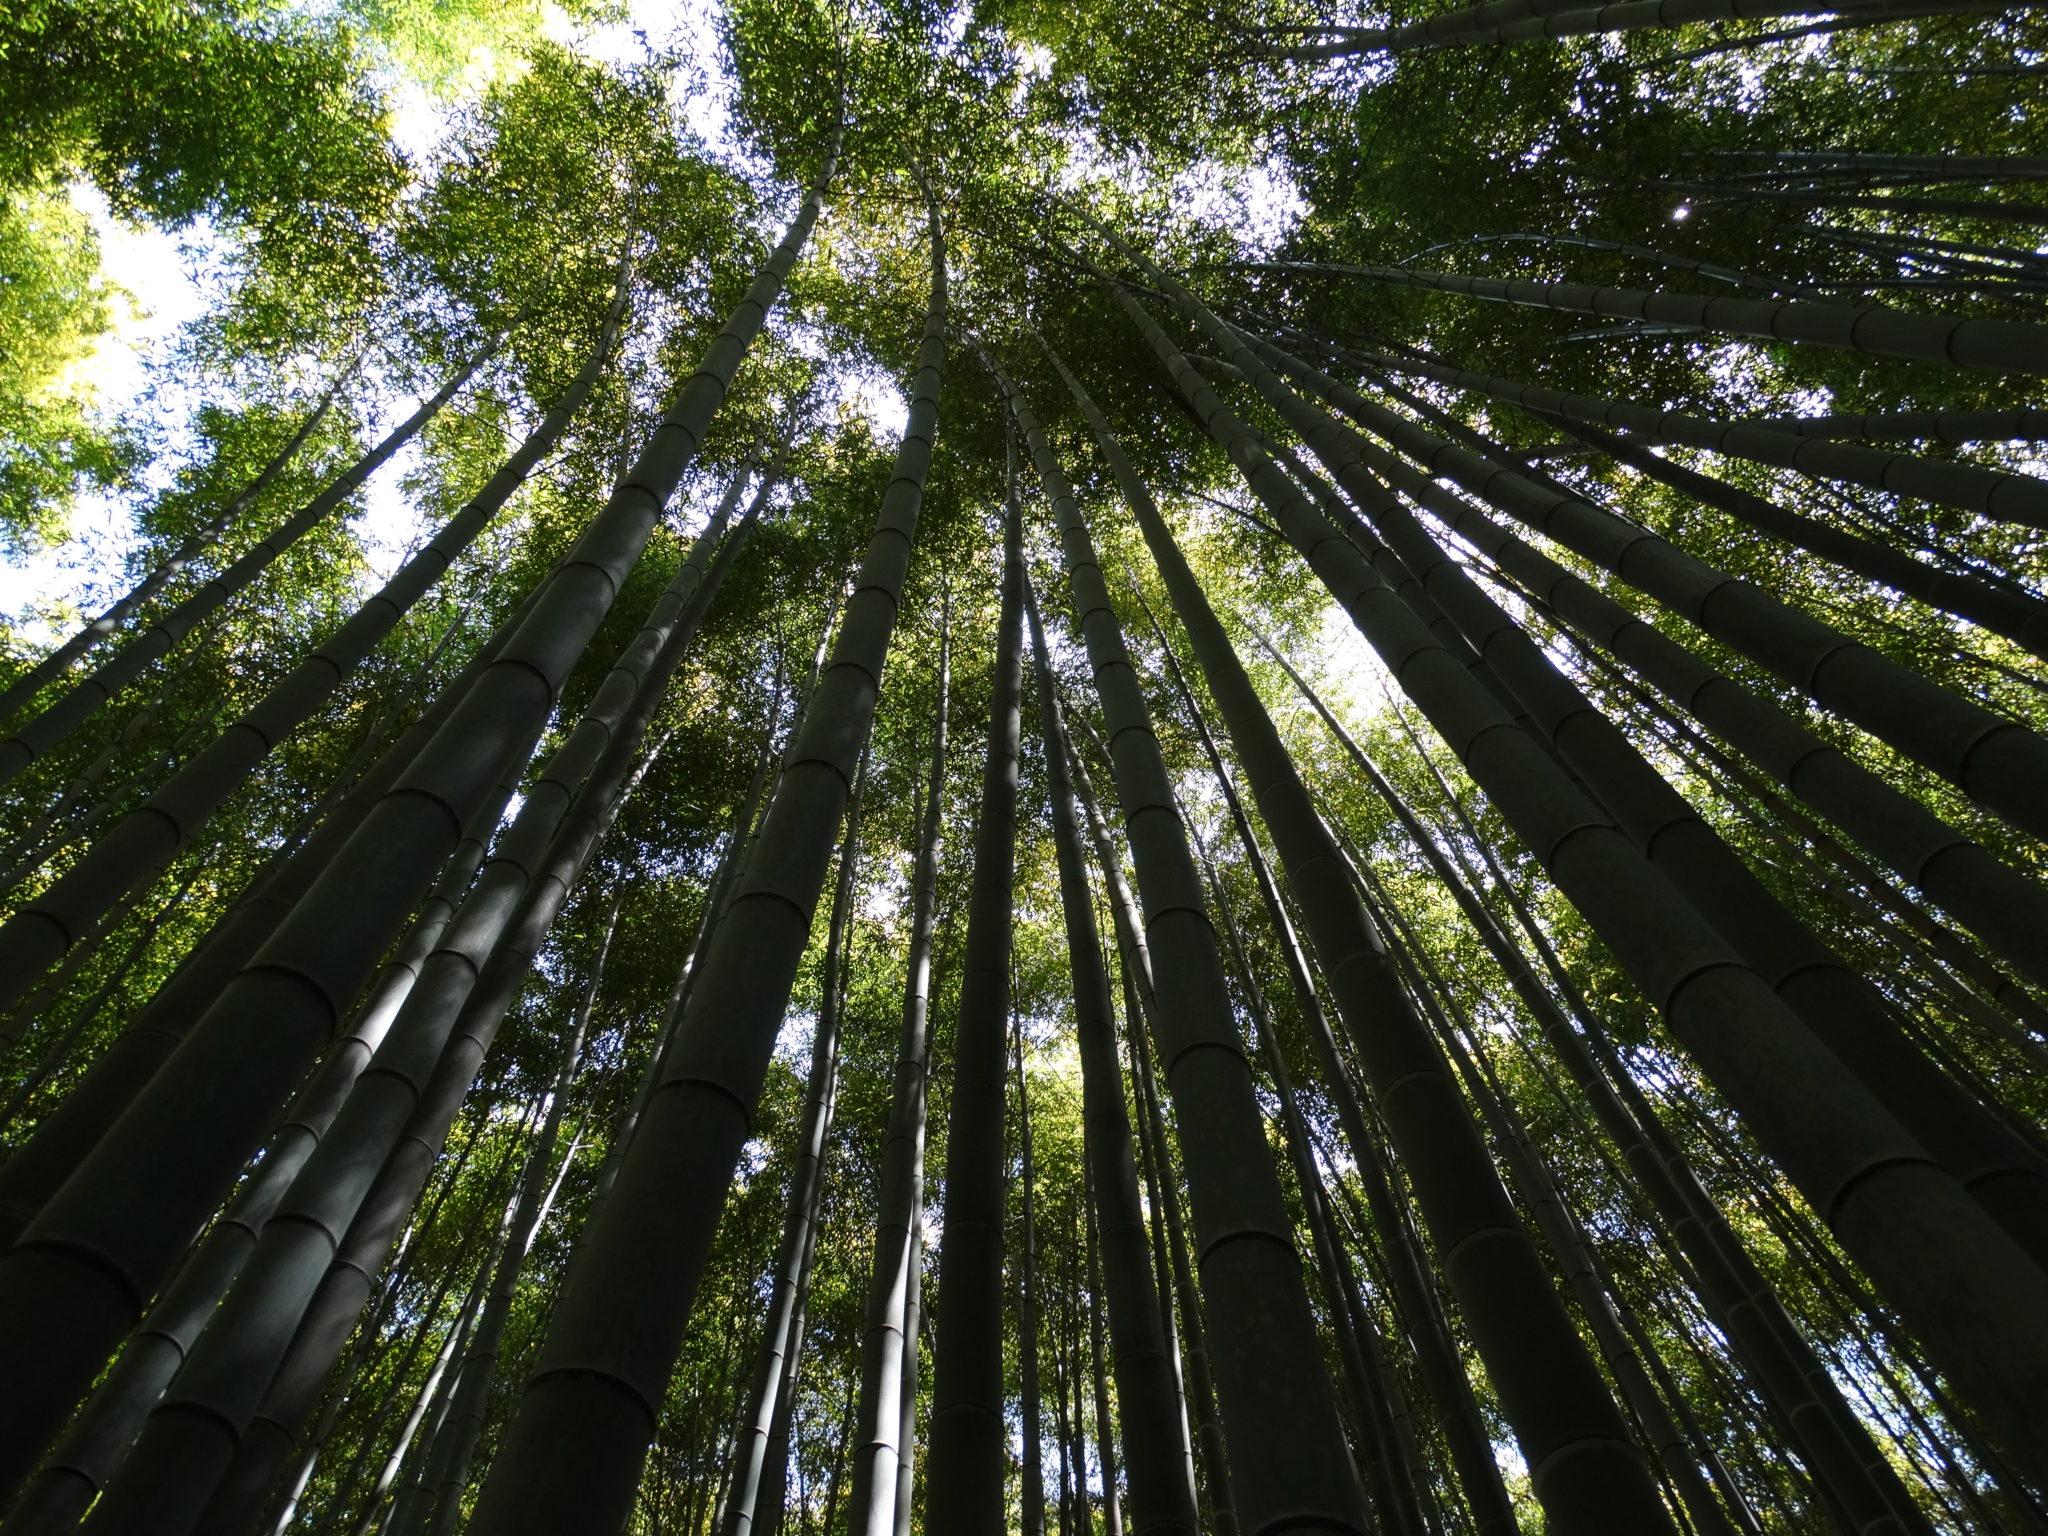 Baño Invisible Japon:Estás en el famoso bosque de bambú de Arashiyama, situado en la